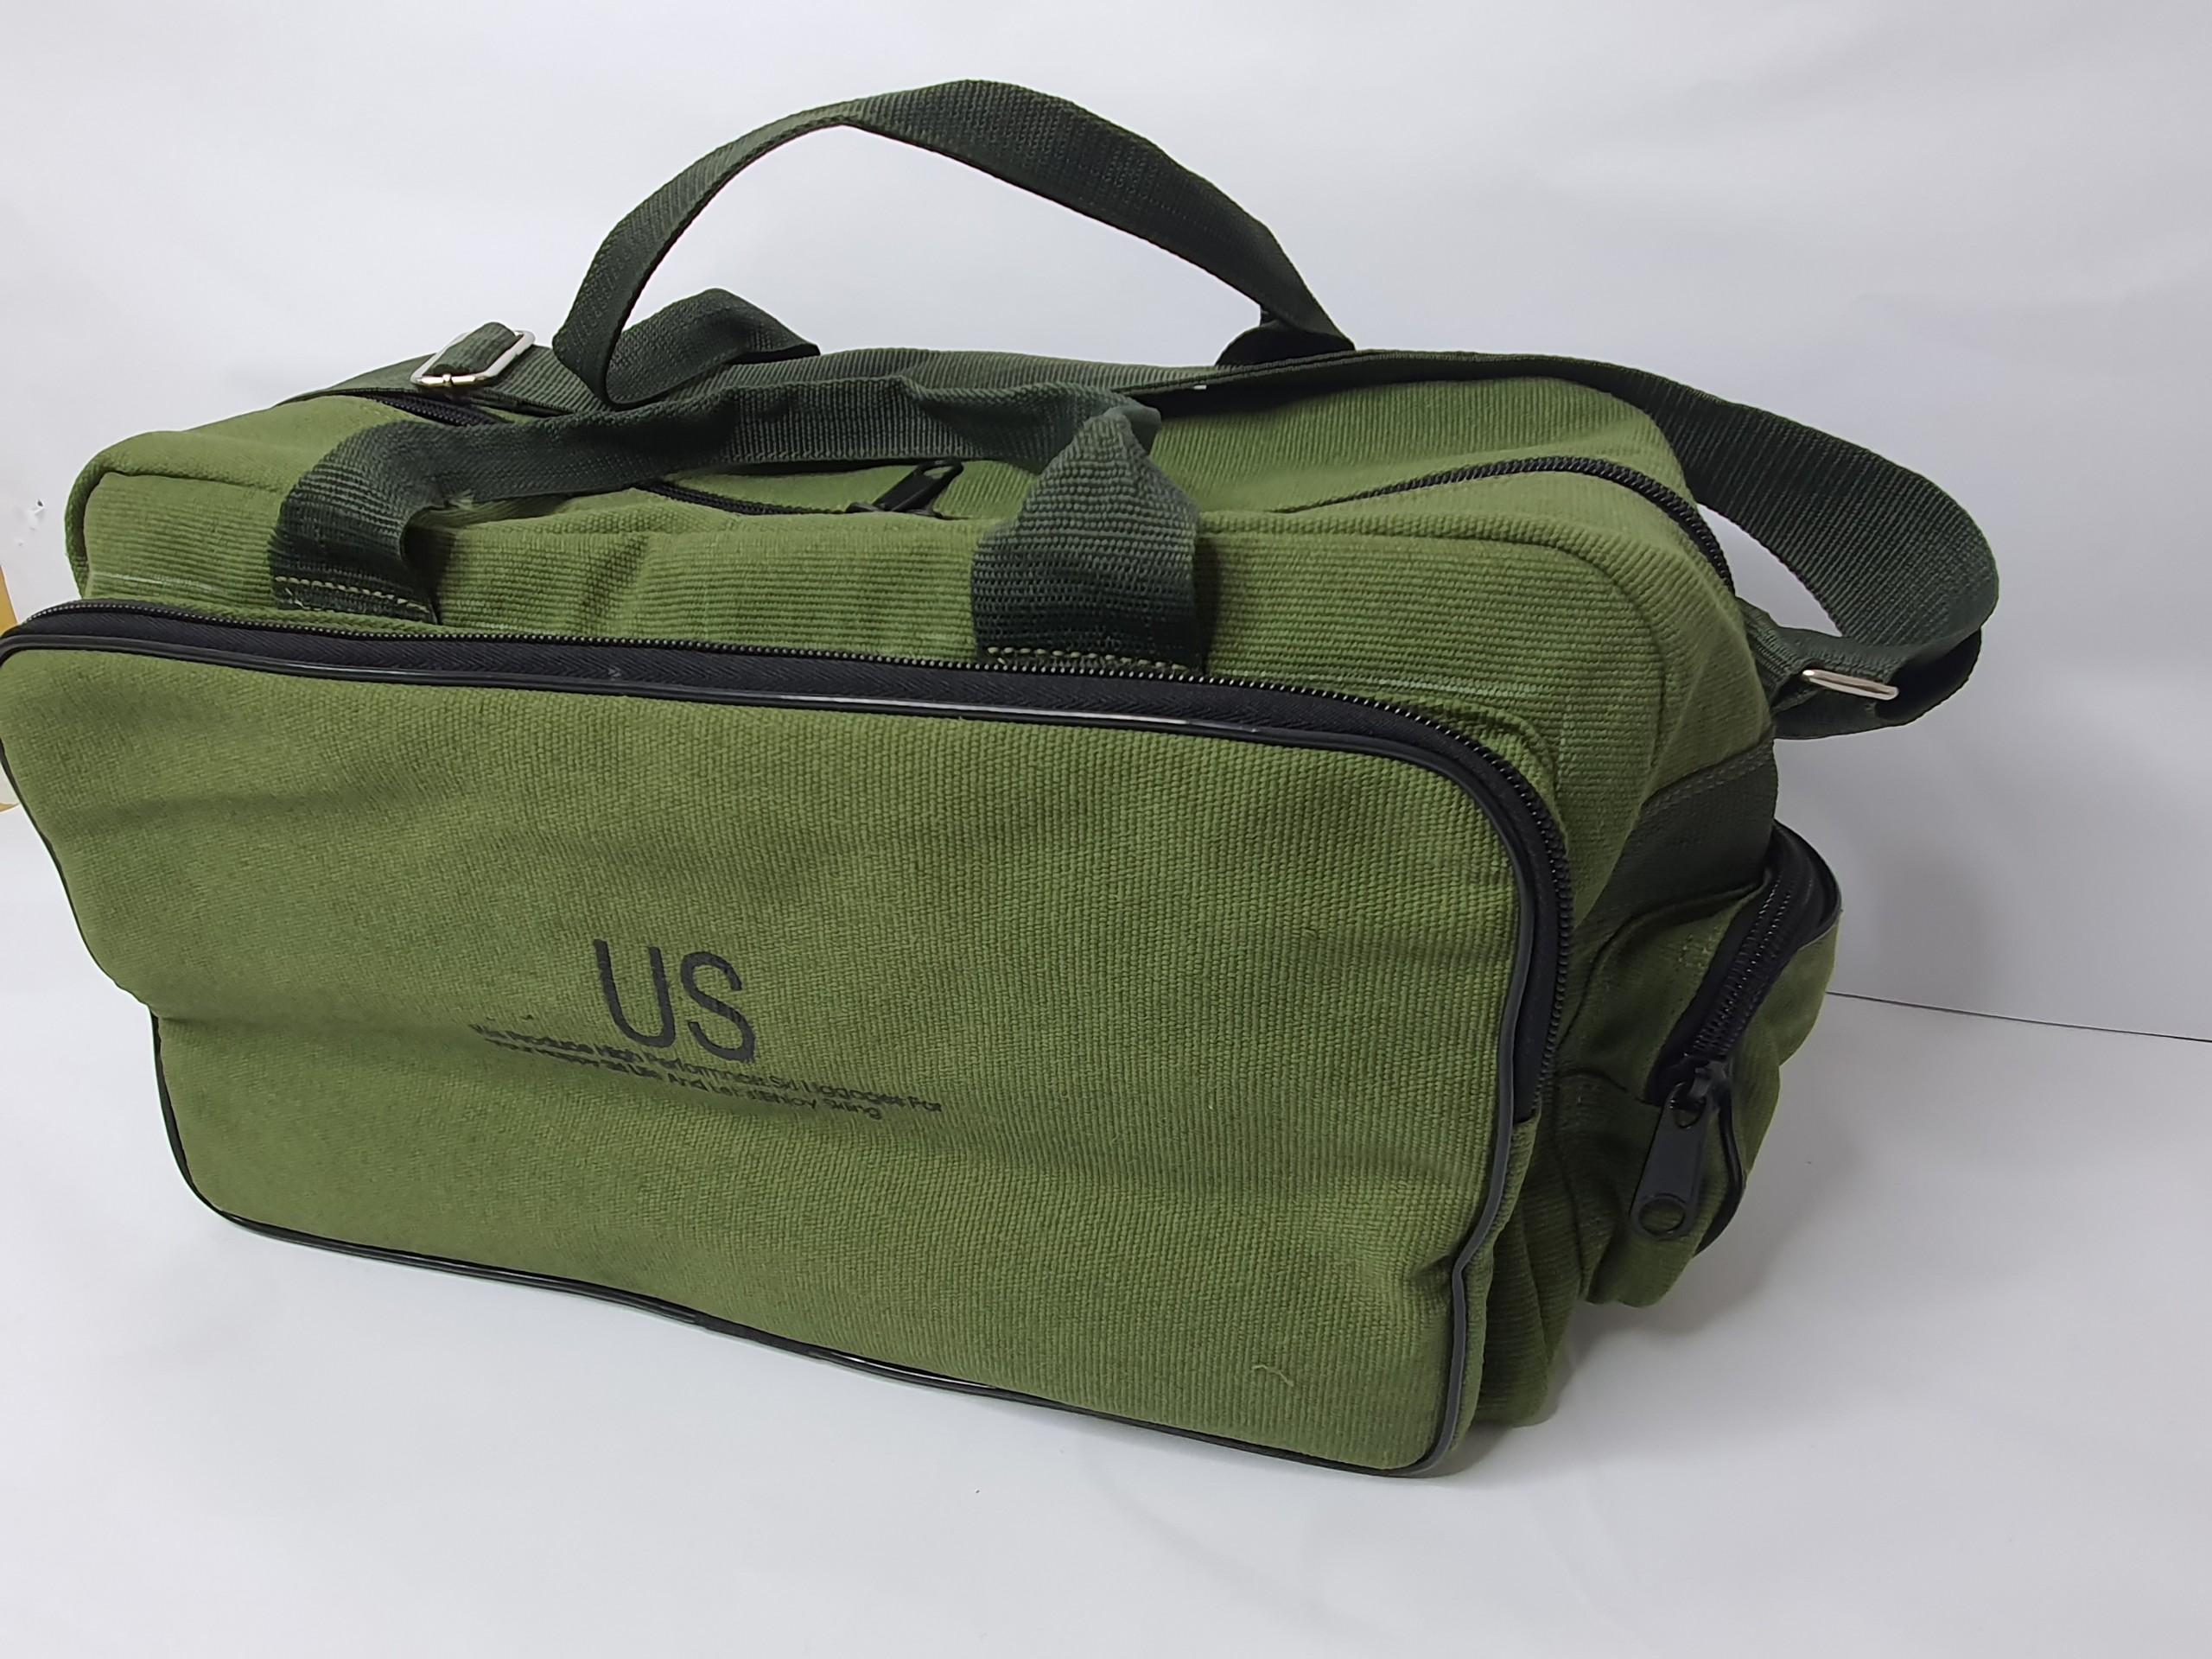 Túi đựng đồ nghề vải bố